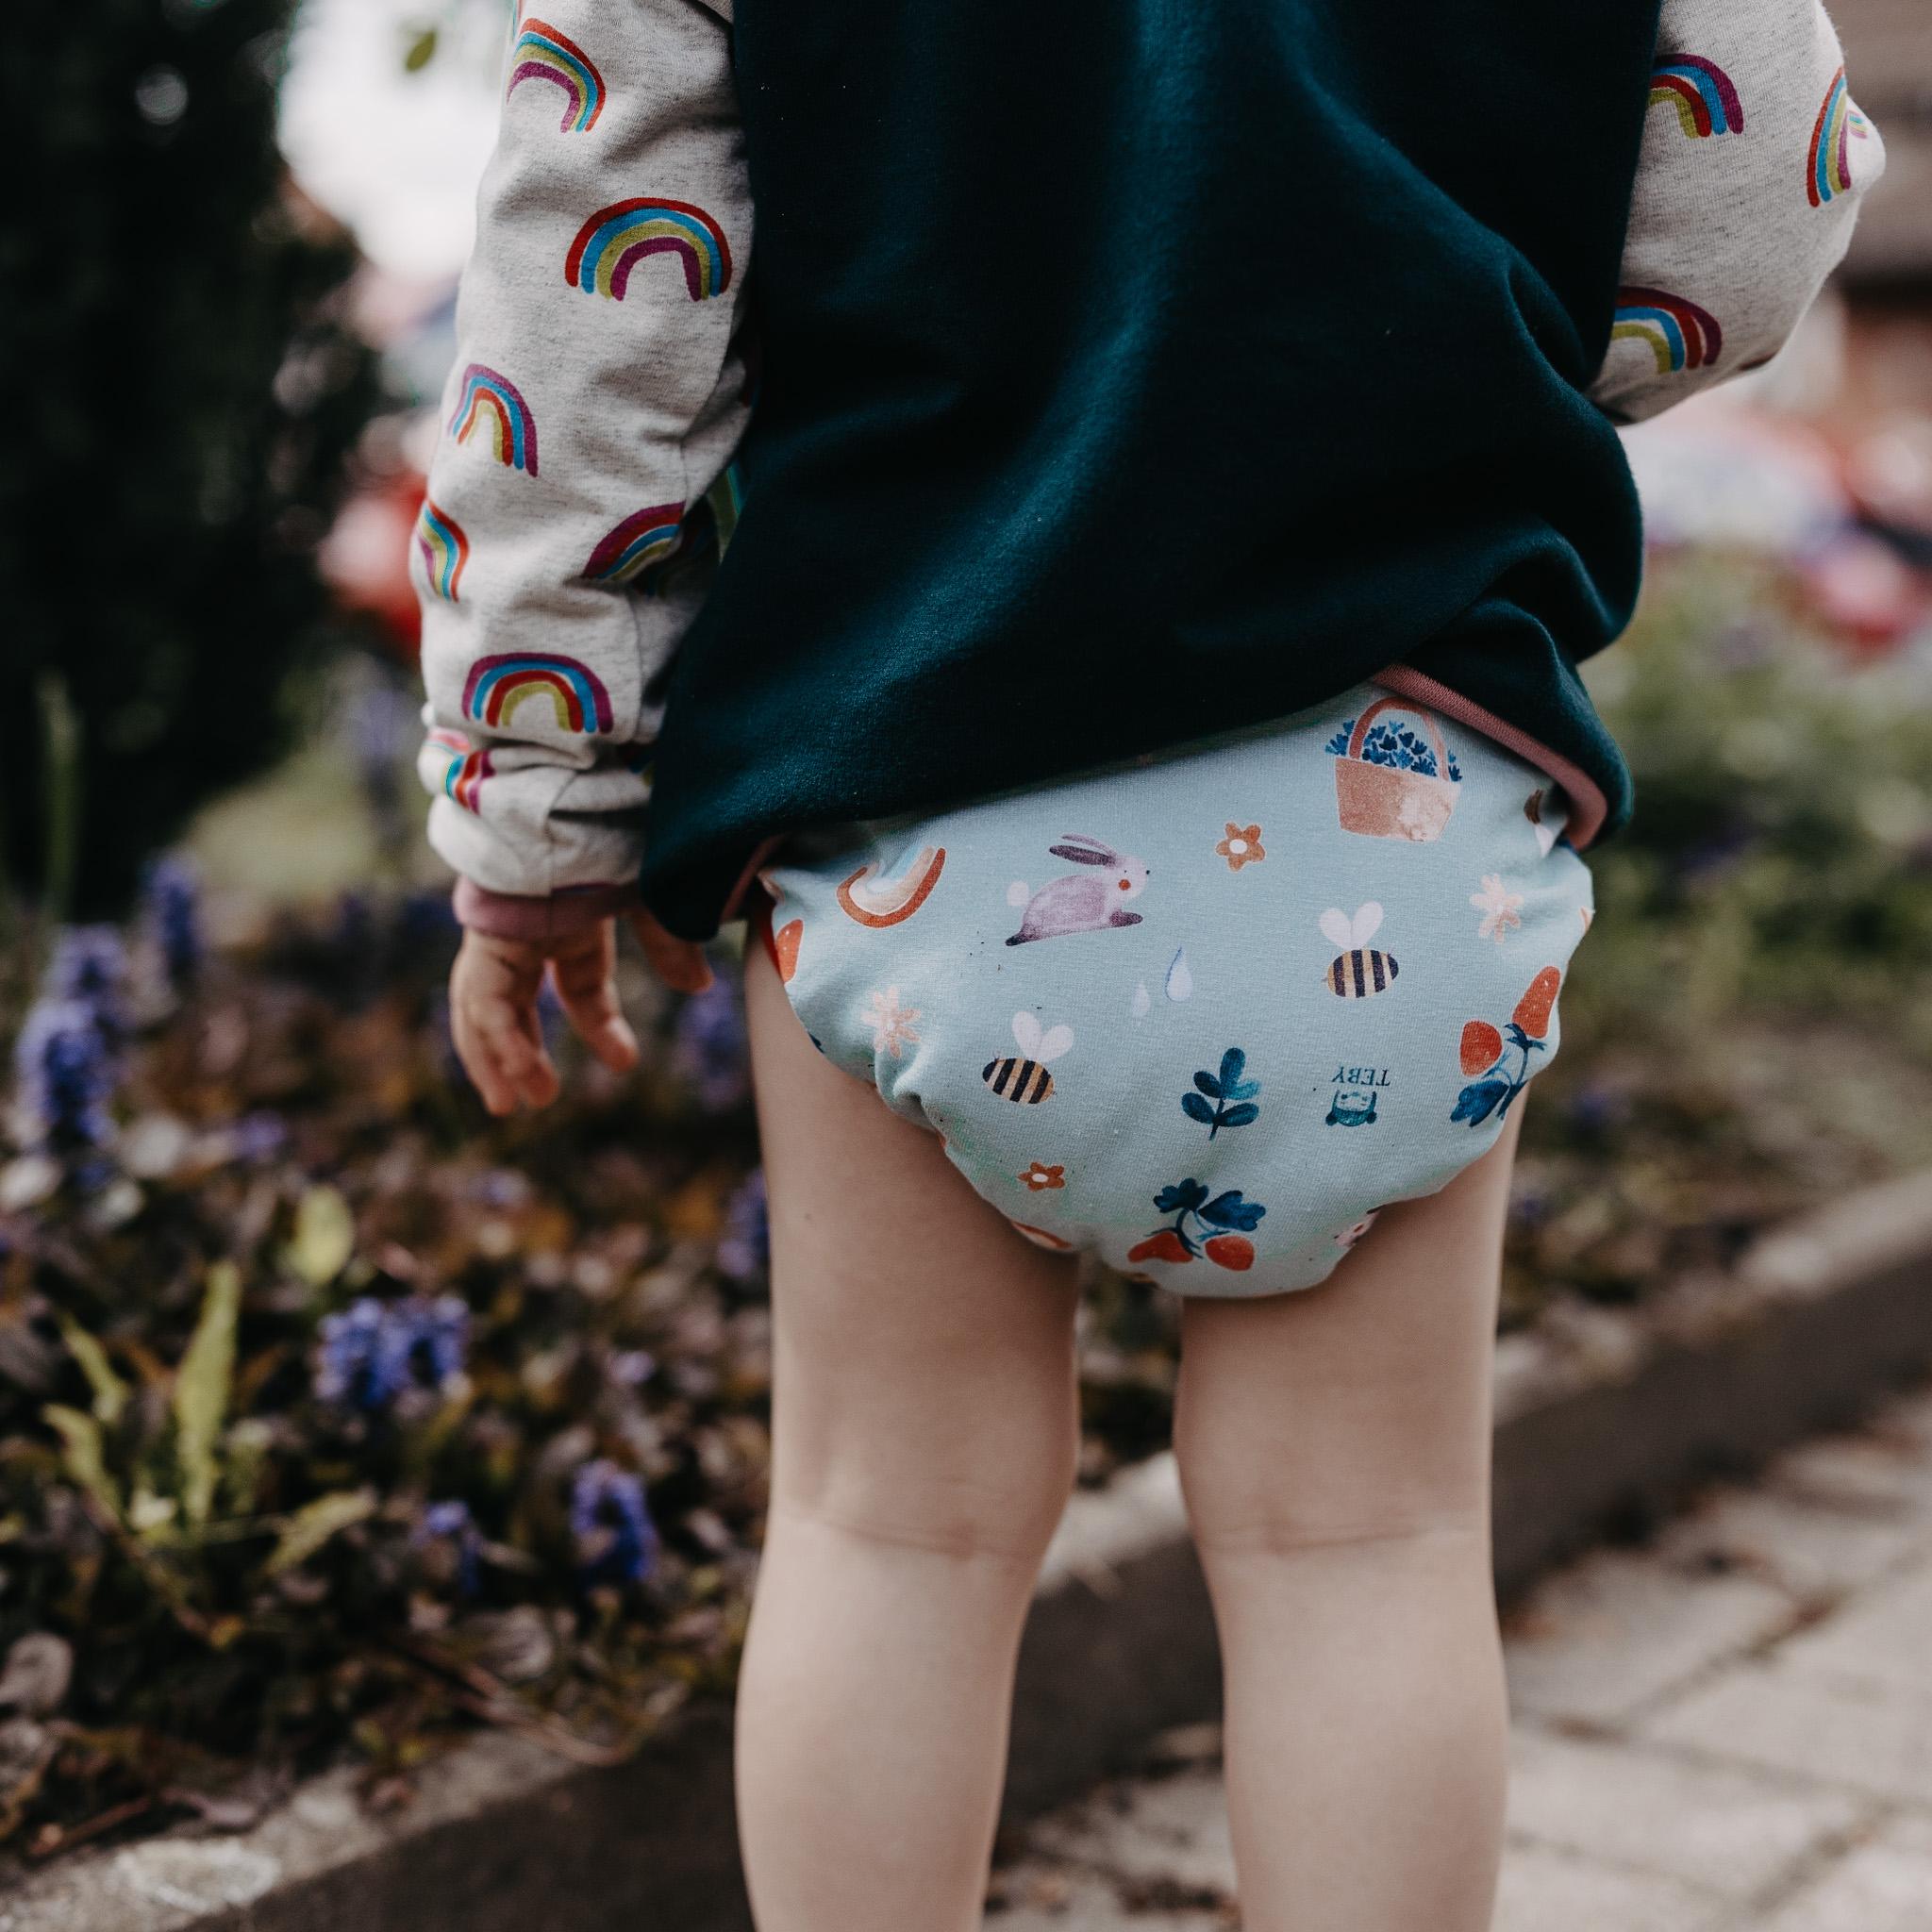 Windelfrei bedeutet für das Kind auch Selbstbestimmung, Bild: (c) Karo Vitellaro